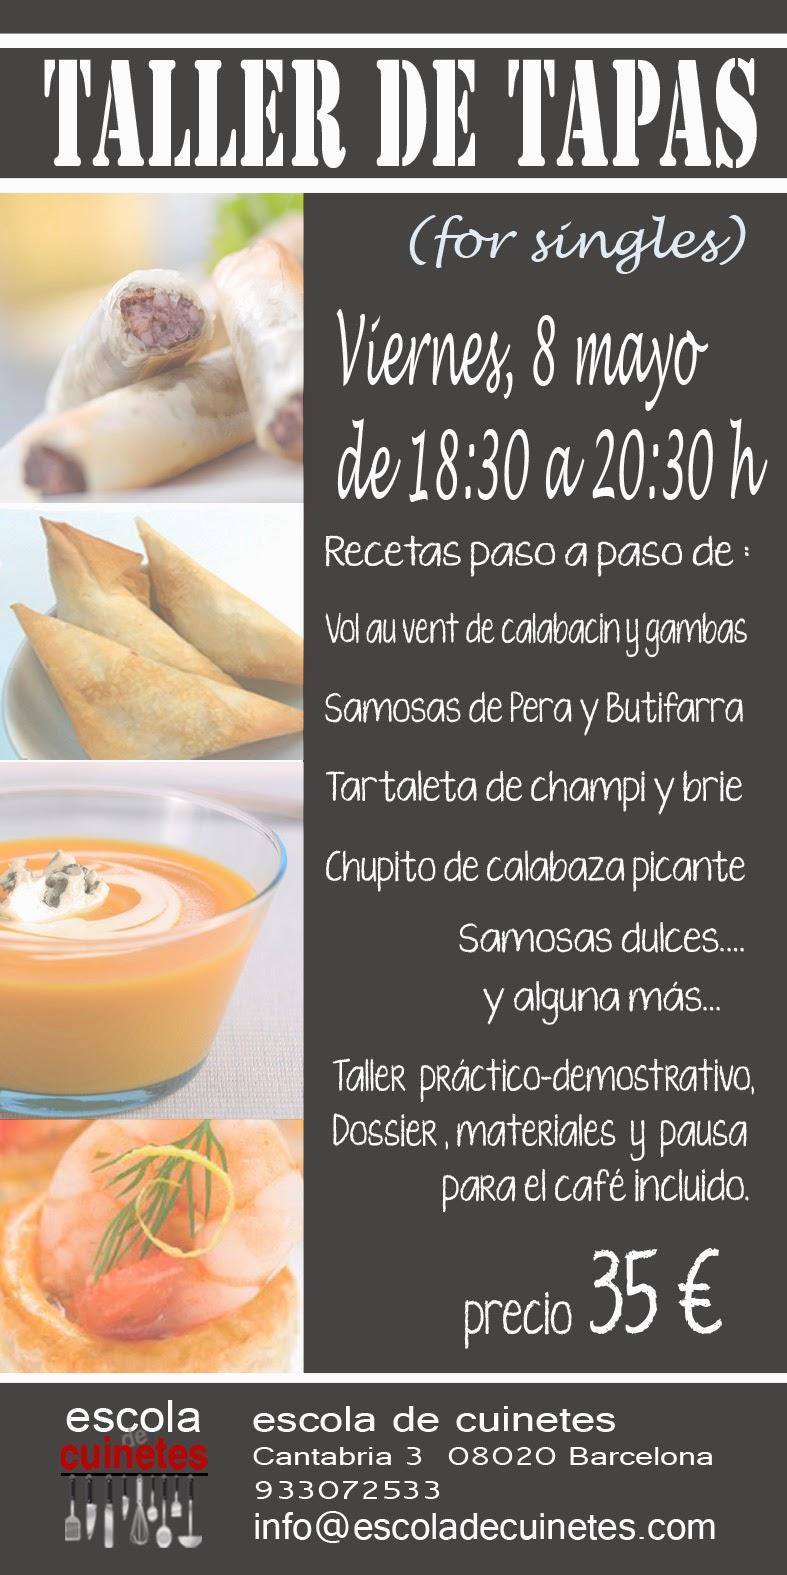 Escola de cuinetes talleres de cocina de mayo 2015 for Curso de cocina para solteros